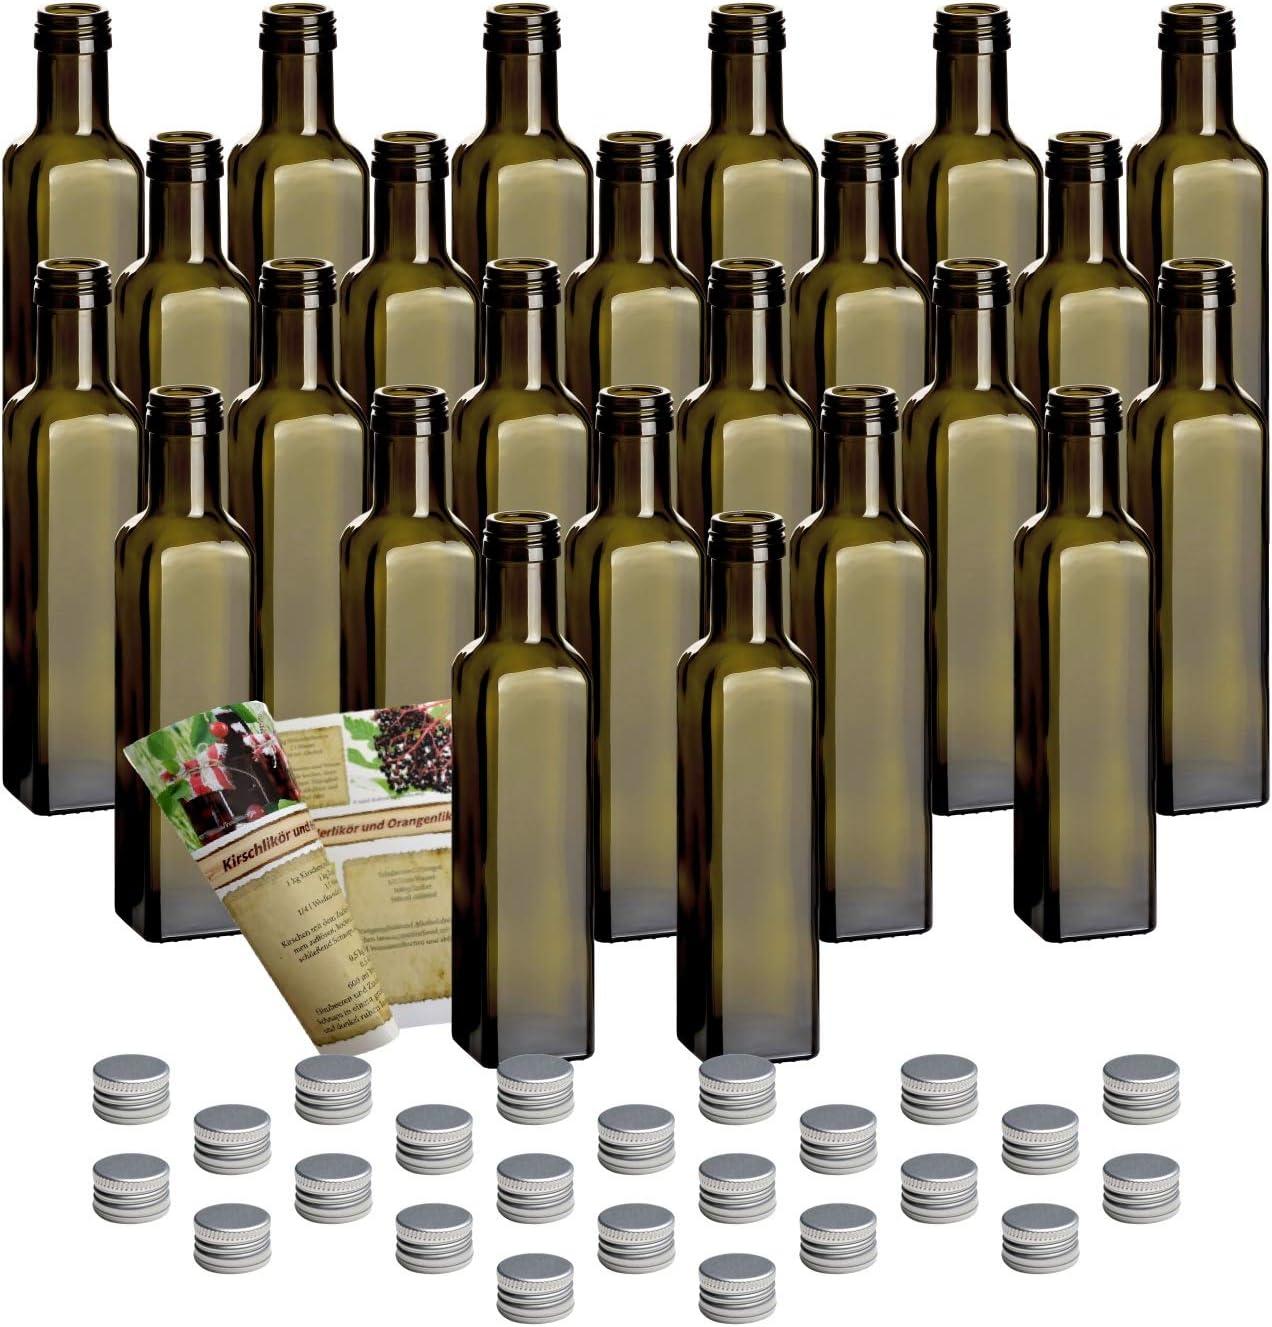 Mara Antik Juego de 24 botellas de cristal, 250 ml, incluye tapón de rosca y libreto de recetas para rellenar, botella de licor